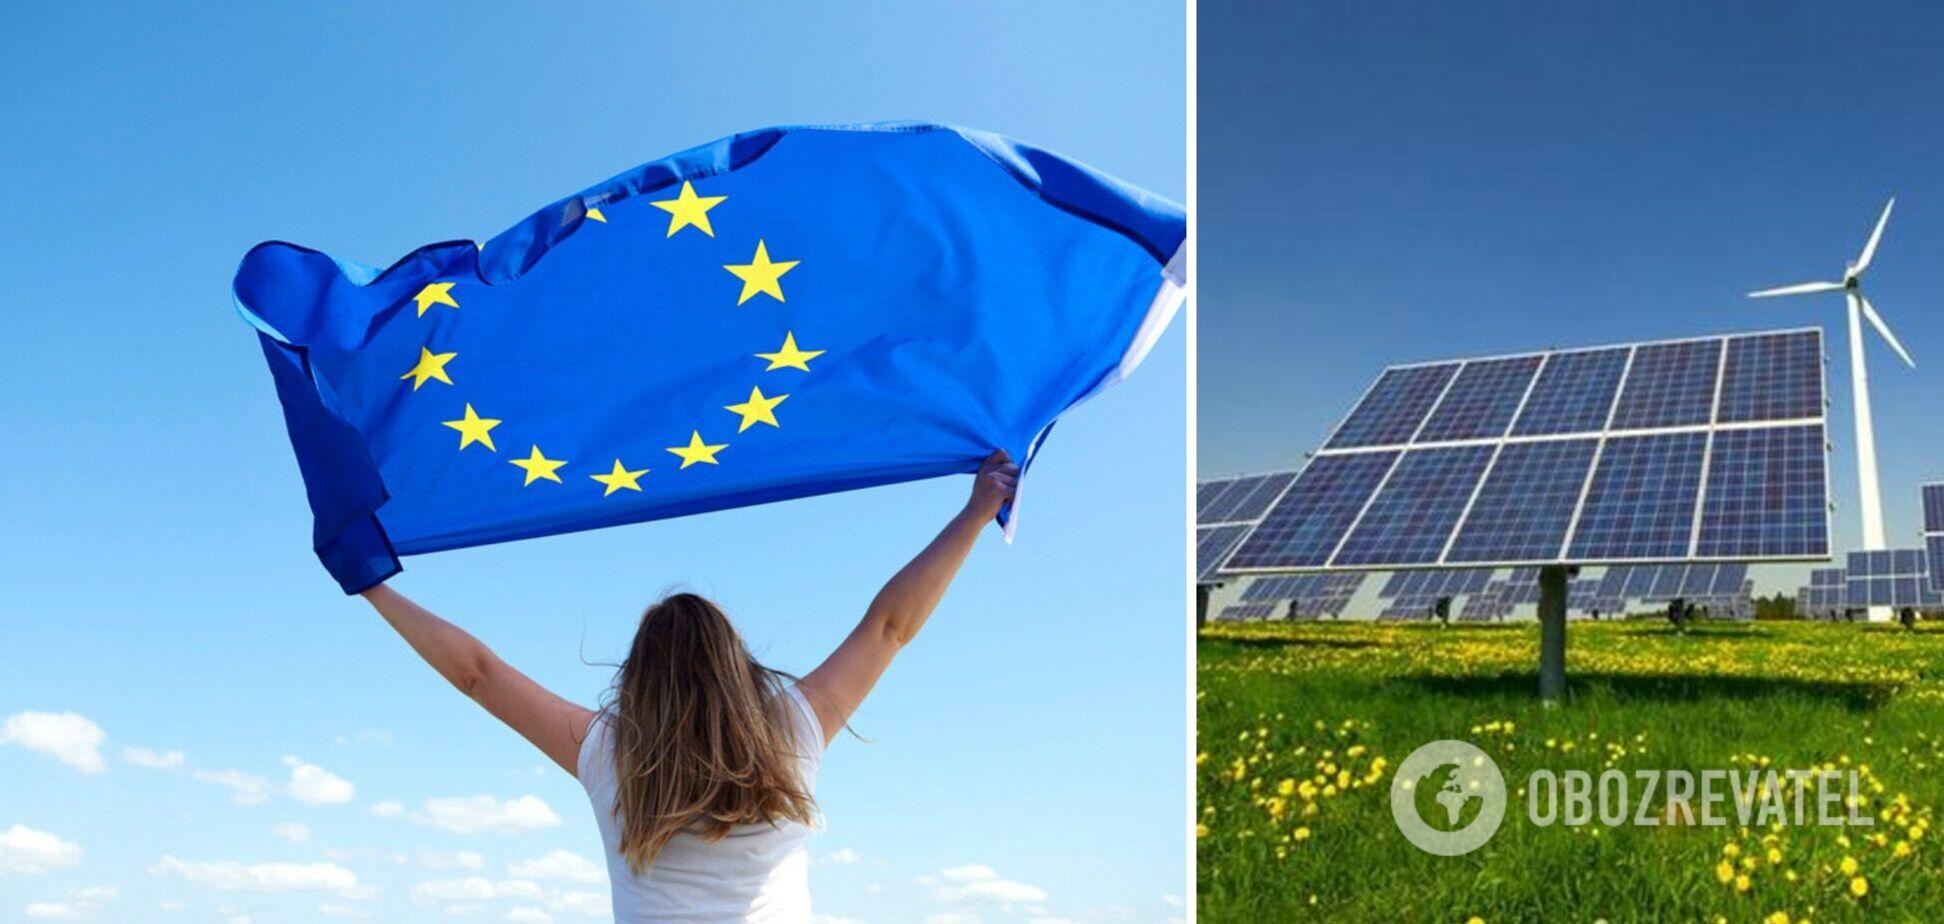 ЕС начал борьбу с энергокризисом